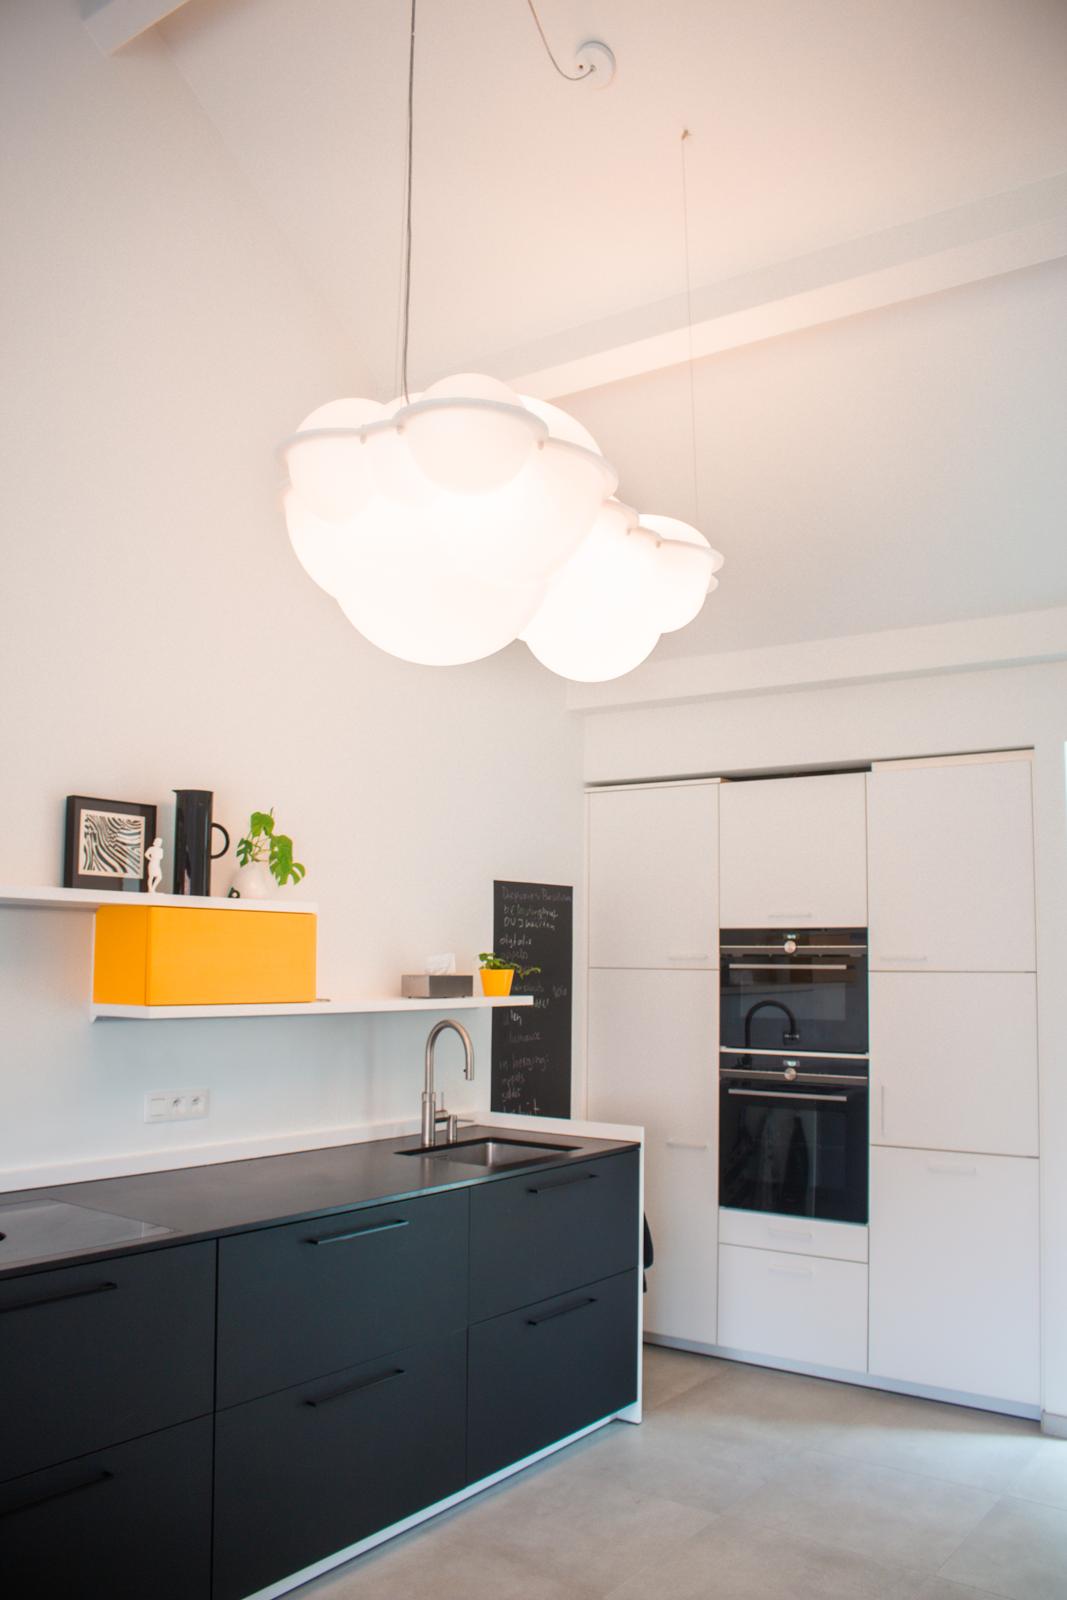 basisidee keuken verder uitgewerkt door leverancier bouwpromotor- lamp nuvola van Mario Bellini